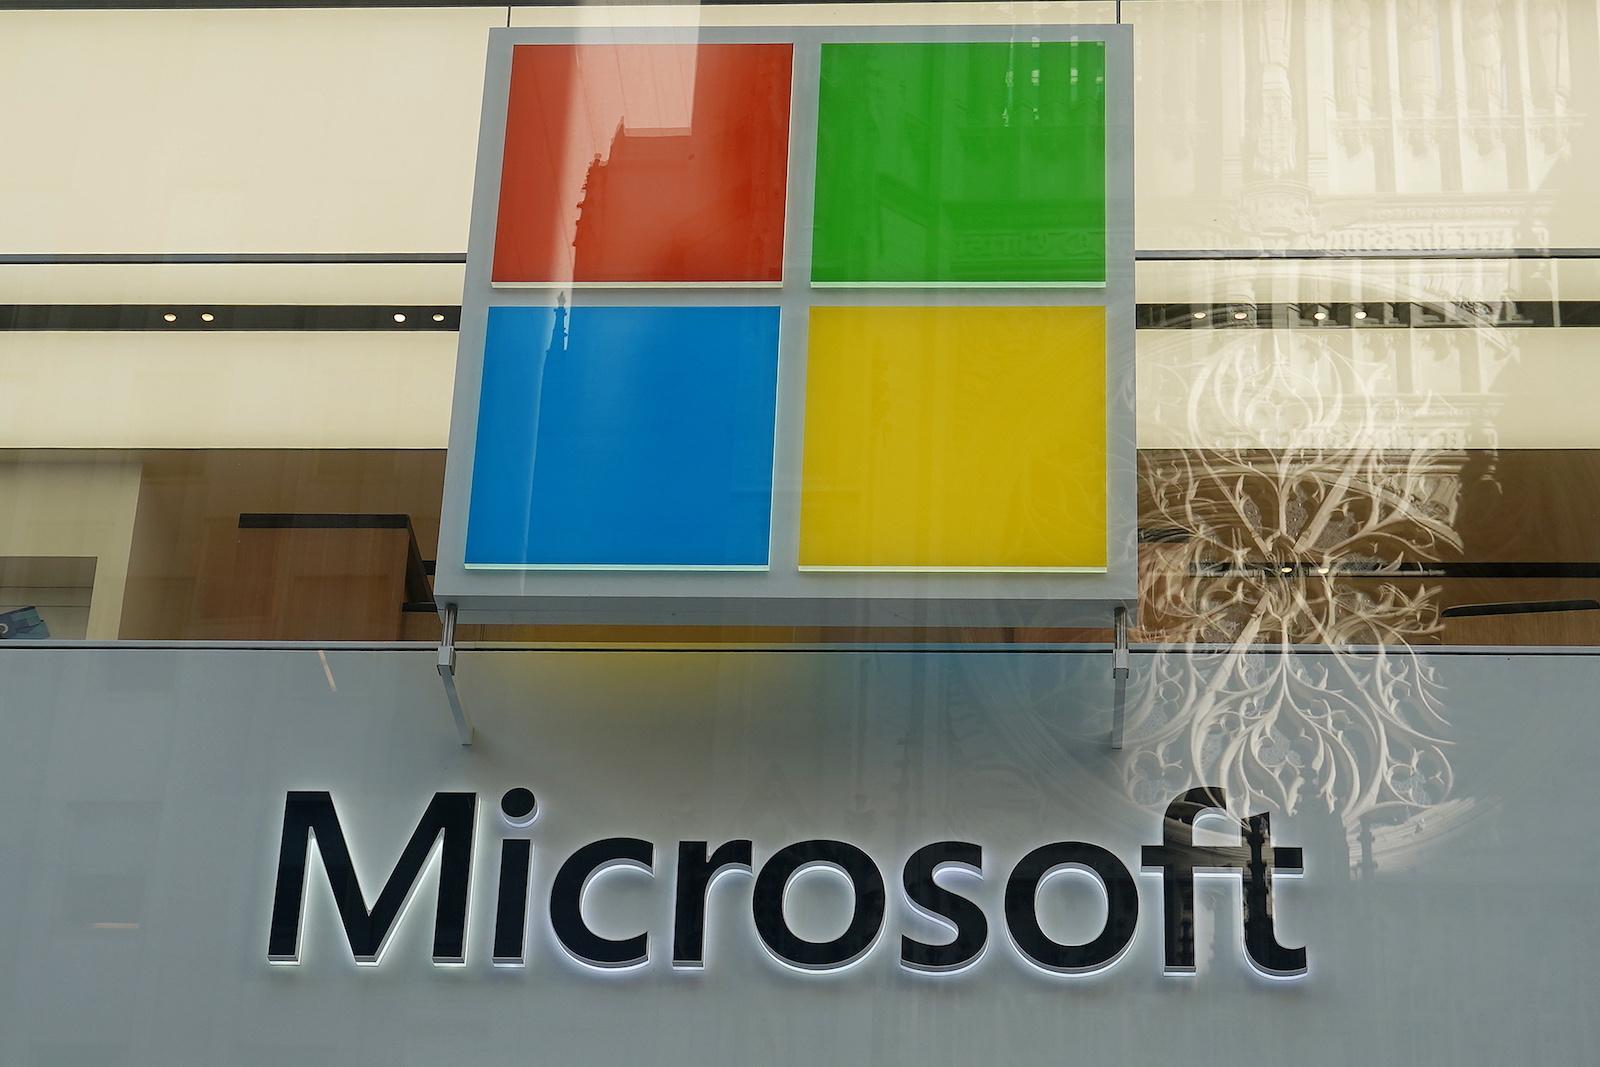 2021年1月25日,美國紐約市曼哈頓區的一家商店上顯示了Microsoft徽標。路透社/ Carlo Allegri-RC26FL9YFO9Q